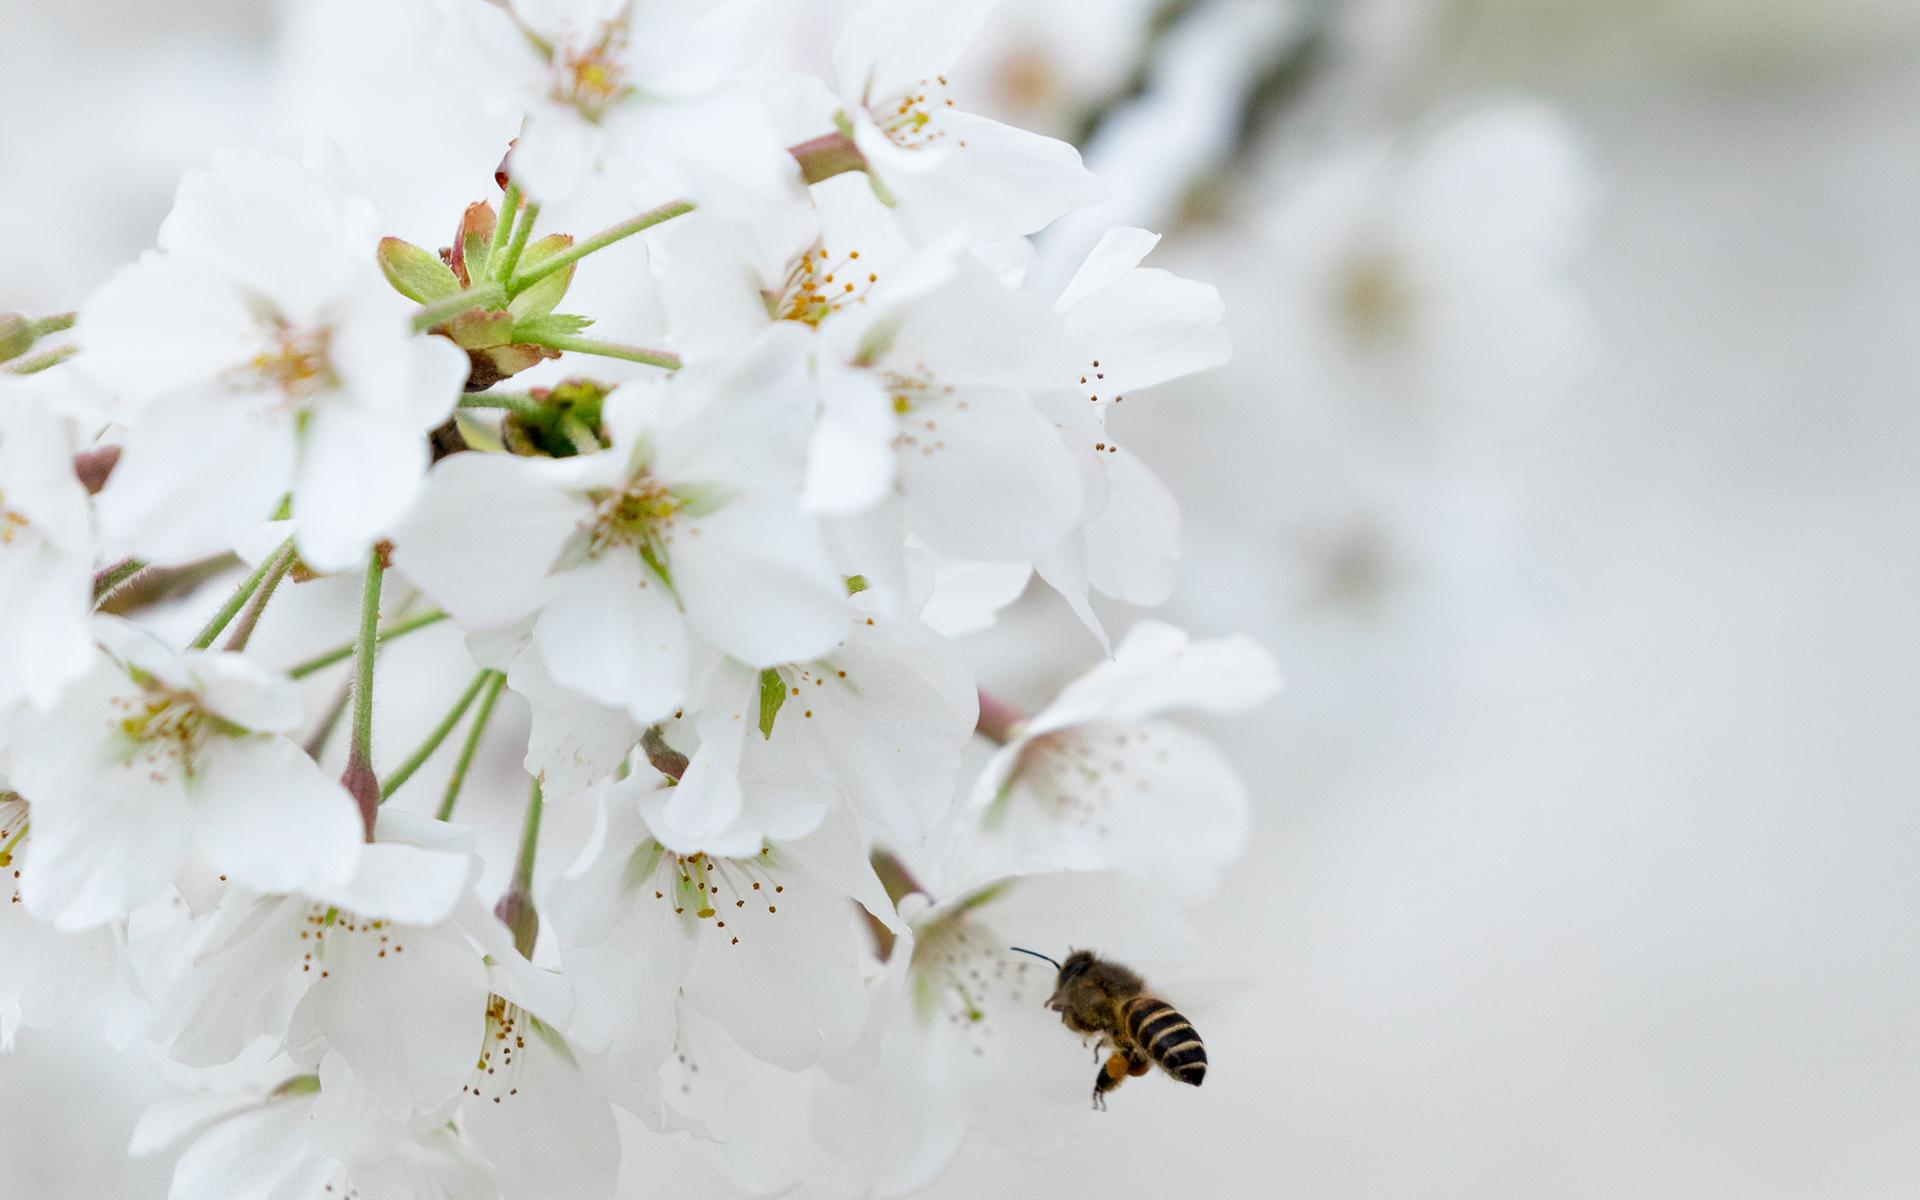 野外盛开的纯白色鲜花浪漫唯美电脑壁纸